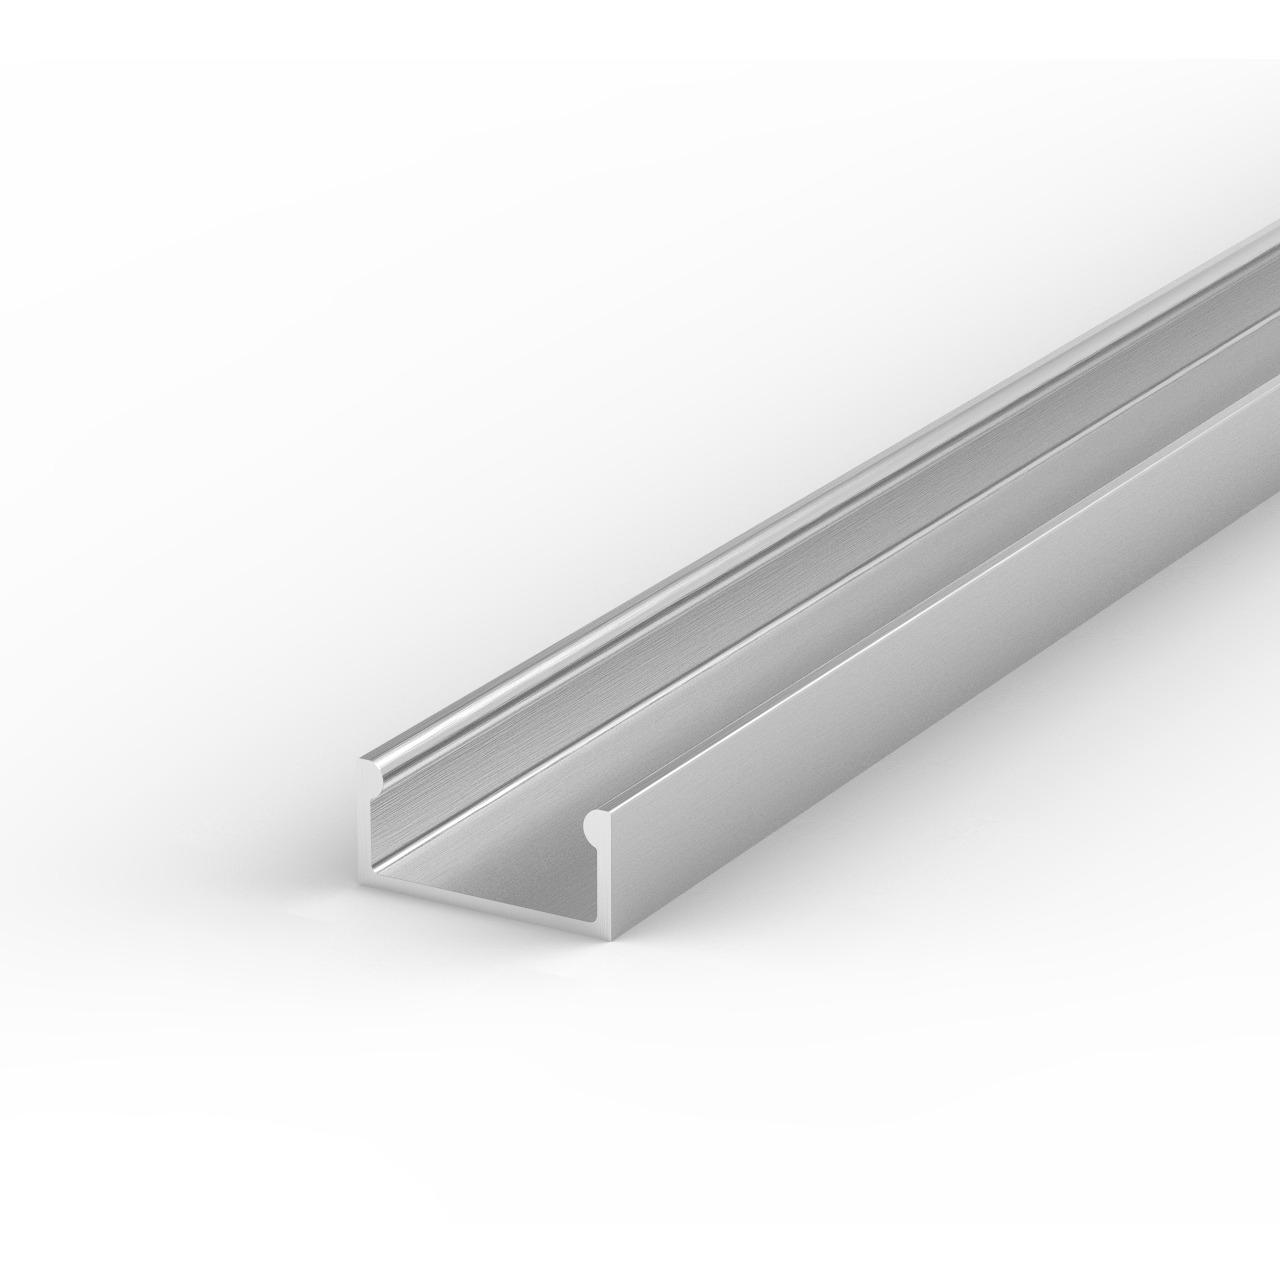 1-m-Aluminiumprofil P4-1 für LED-Streifen- mit matter Abdeckung- inkl- Endkappen